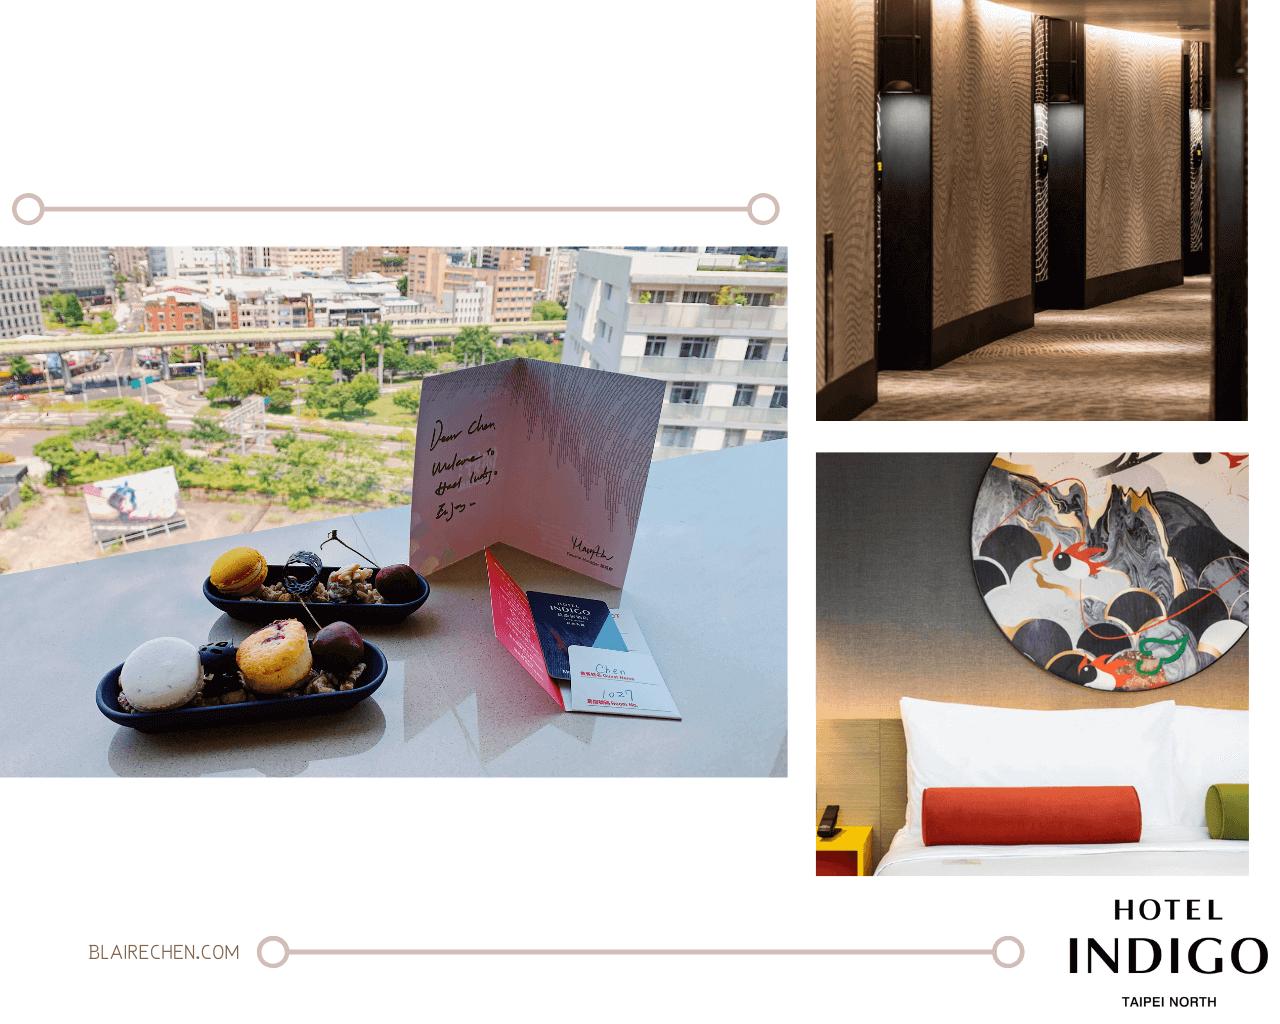 【台北住宿酒店飯店推薦】|台北大直英迪格酒店-新開幕最美的設計酒店,感受最具品味的城市旅行住宿。